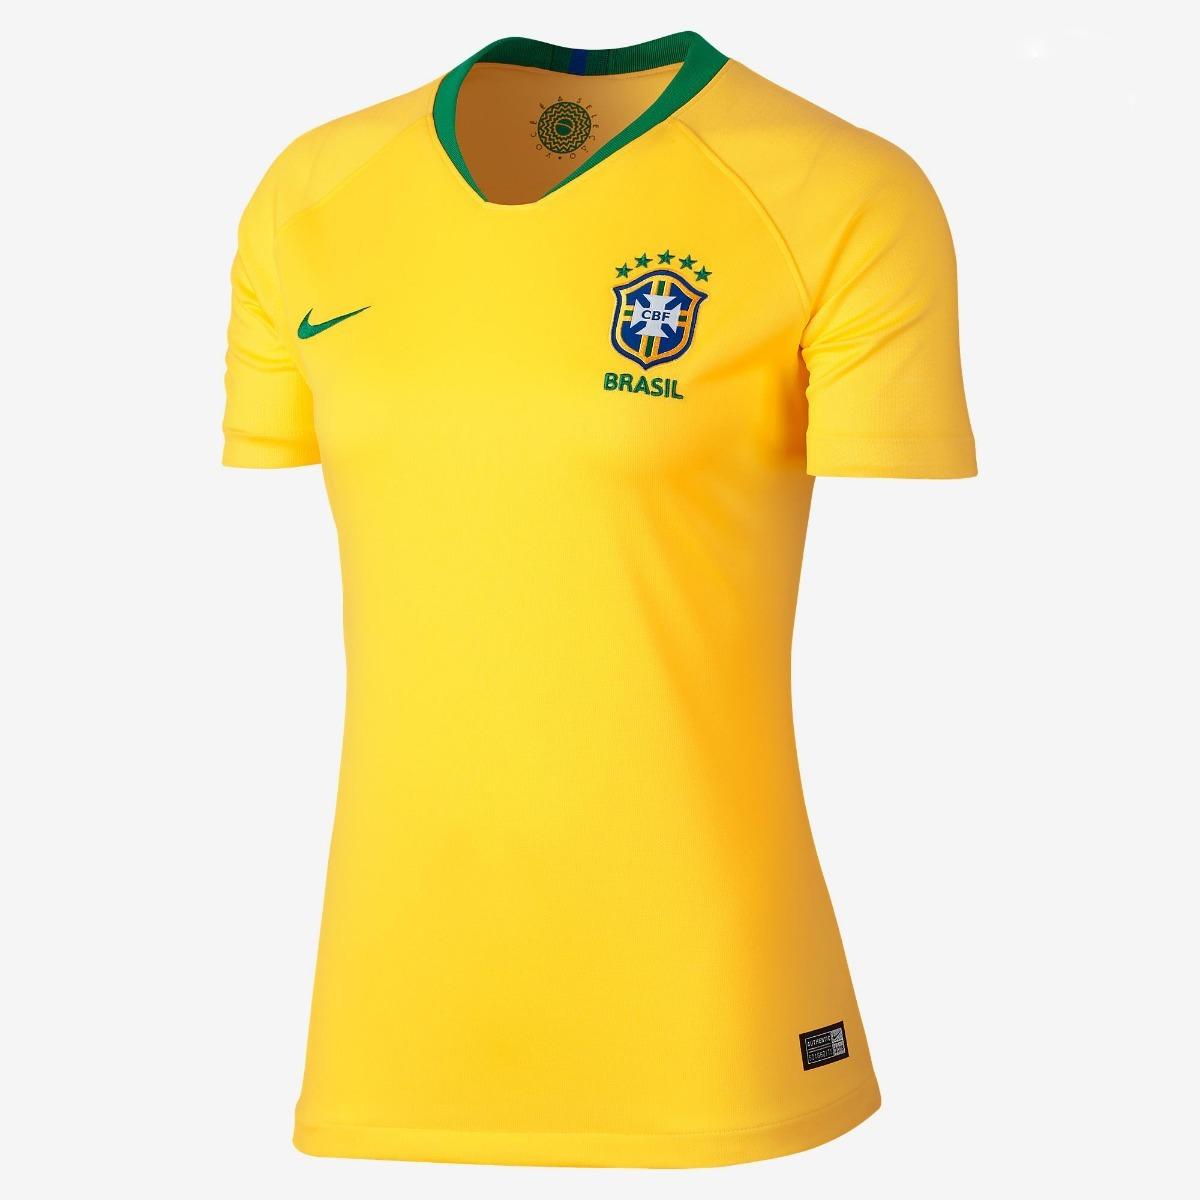 37d922951999e camisa amarela seleção brasileira feminina copa 2018. Carregando zoom.